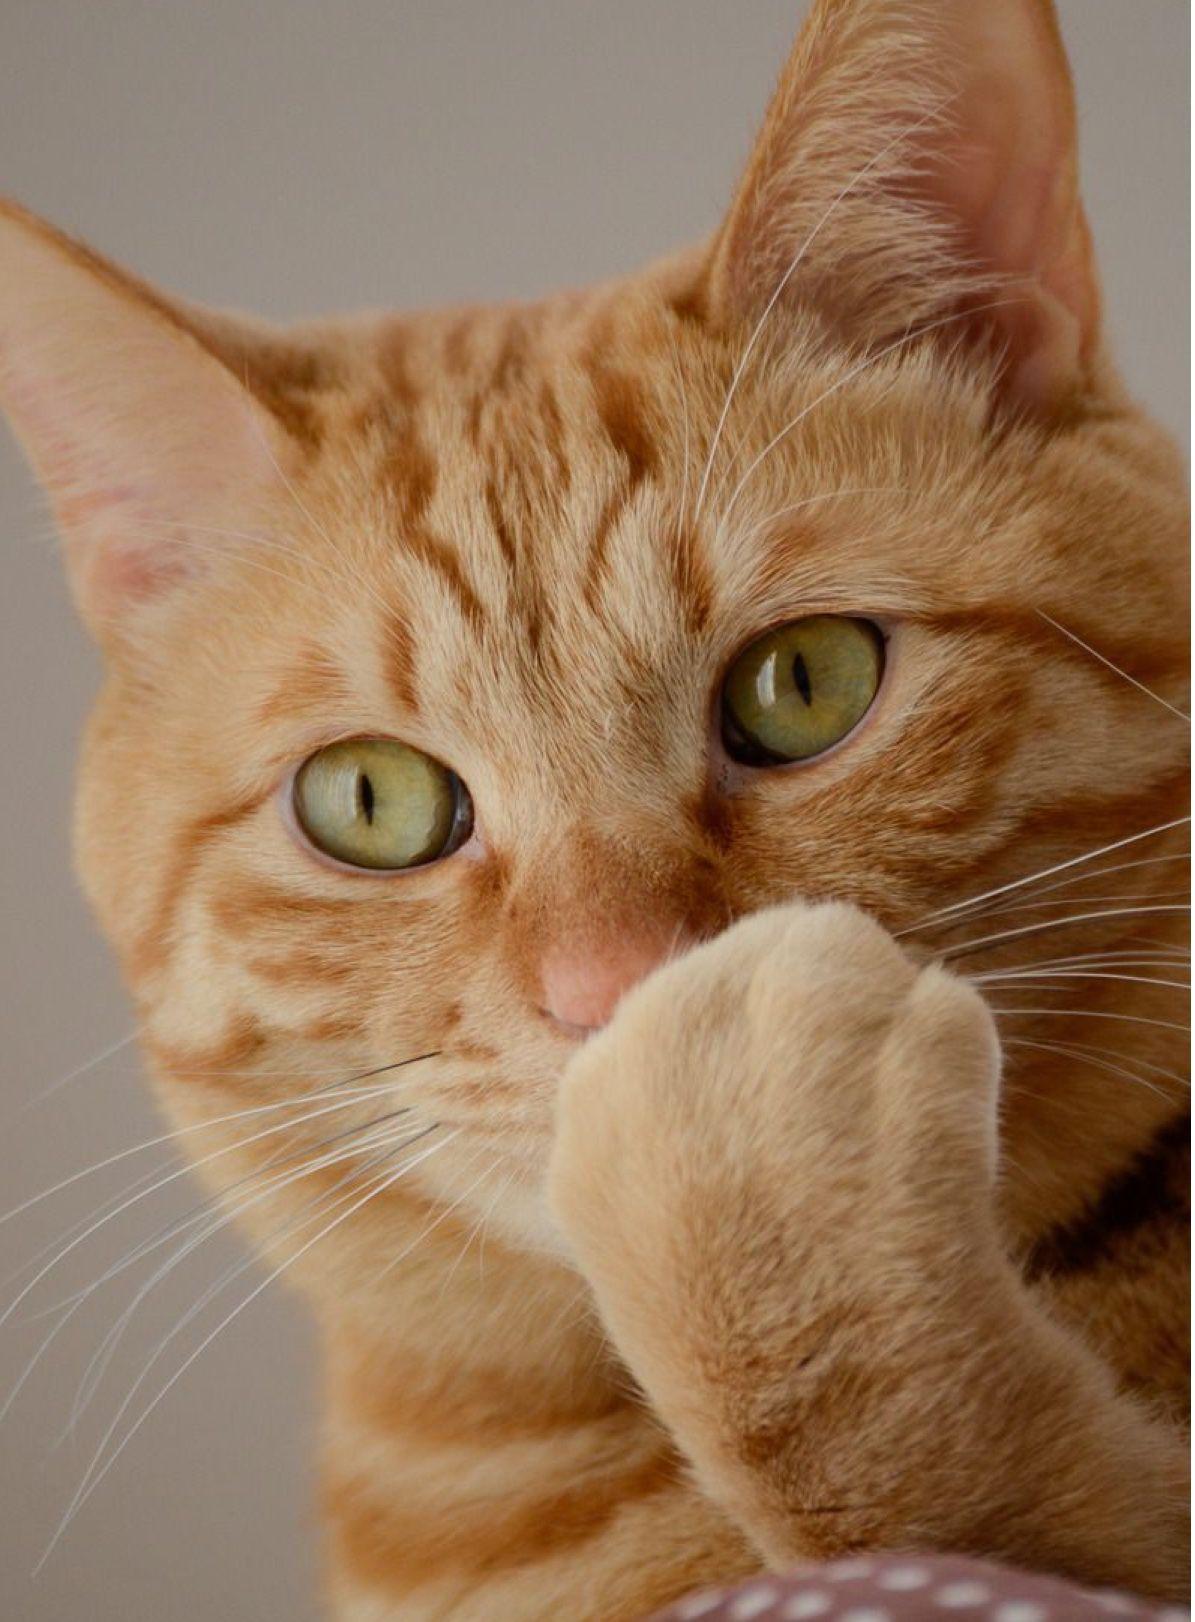 Pin by Anchana Ploypraw on Cats Orange tabby cats, Tabby